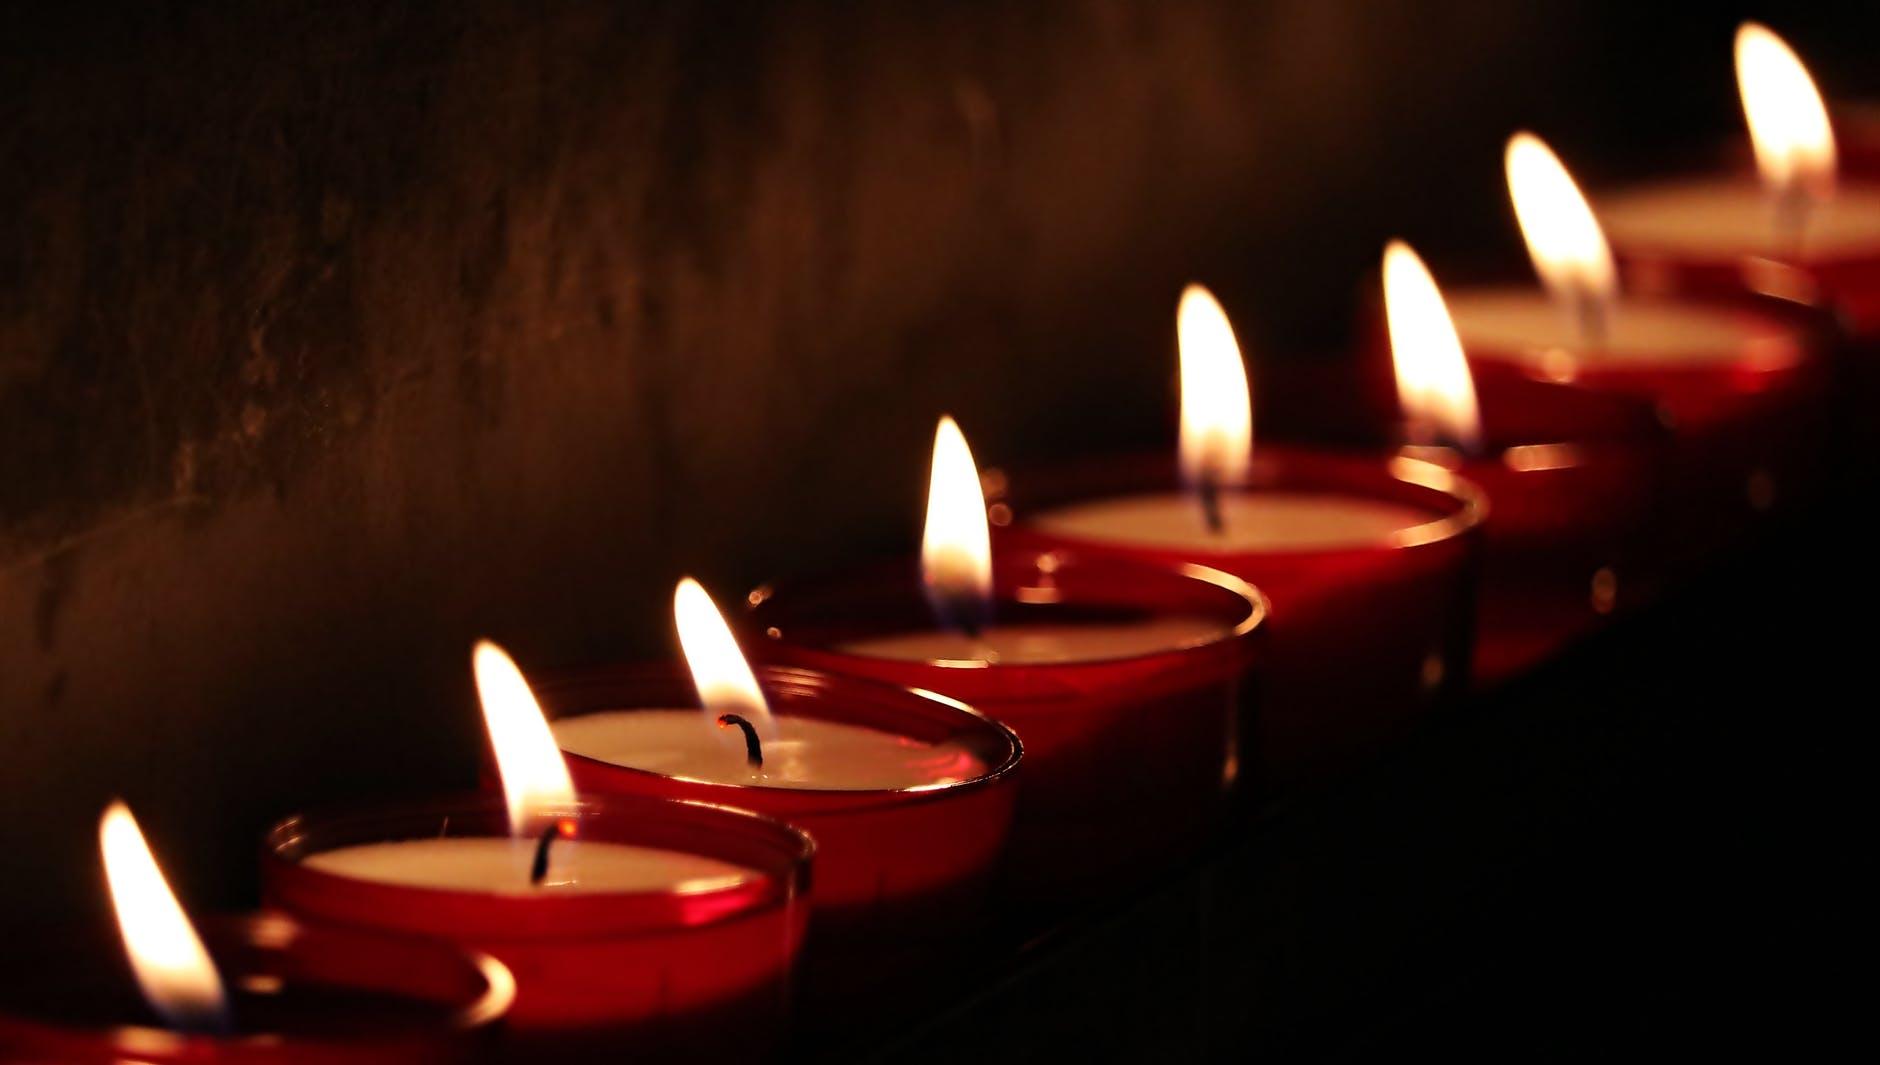 Ritualul celor 33 de lumânări aprinse. Credincioșii se tămăduiesc de diferite boli și li se împlinesc rugăciunile